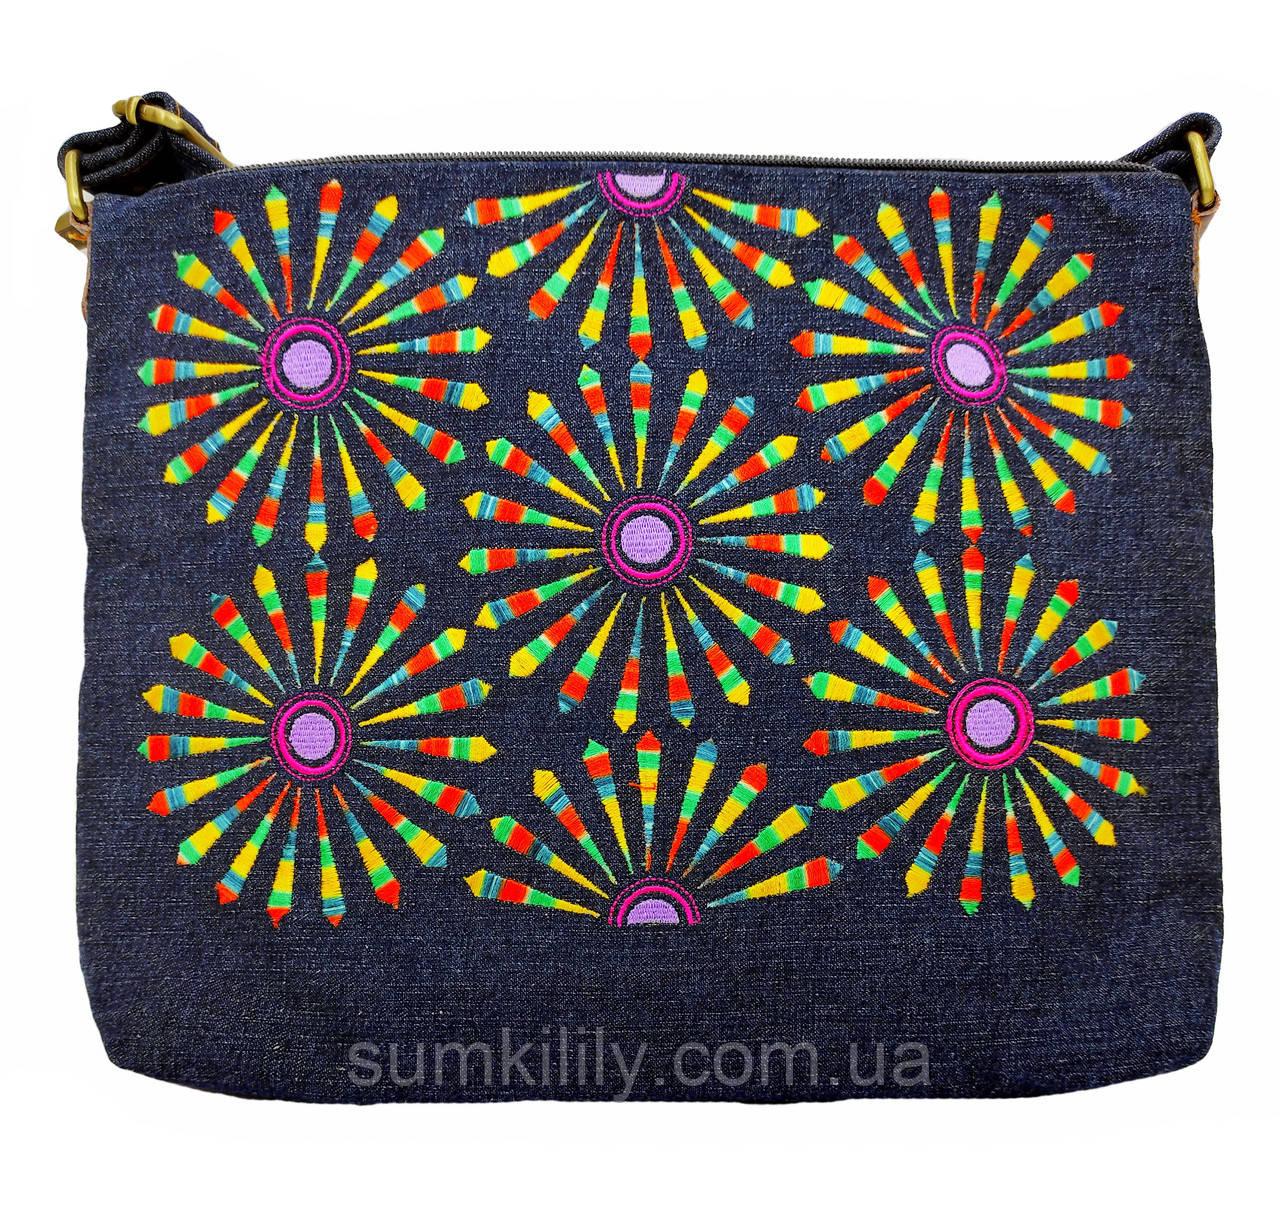 Джинсовая сумка с вышивкой Салют